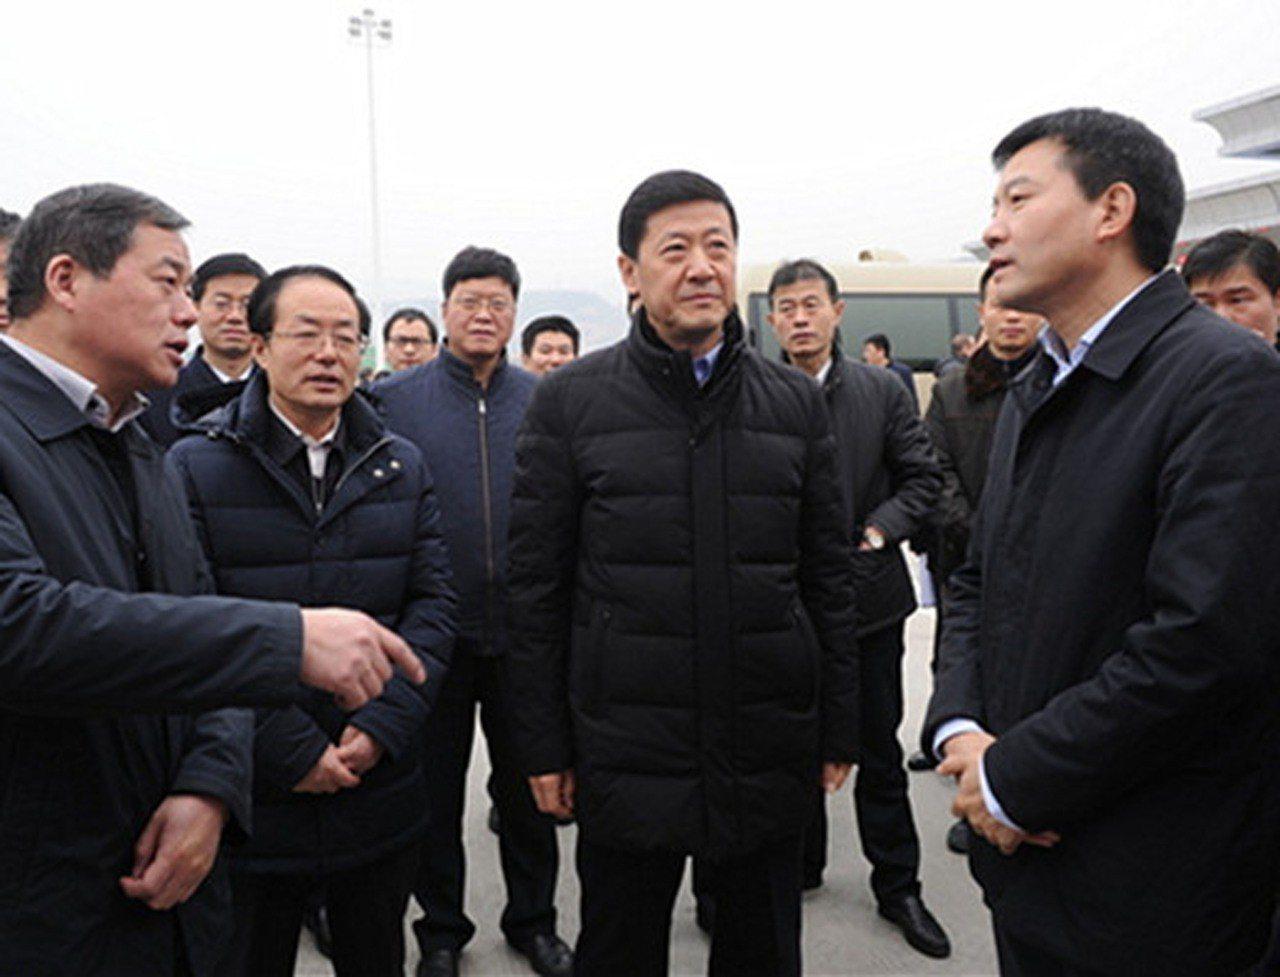 陳國強被免去陝西副省長職務,同時被終止省人大代表資格。 中央社